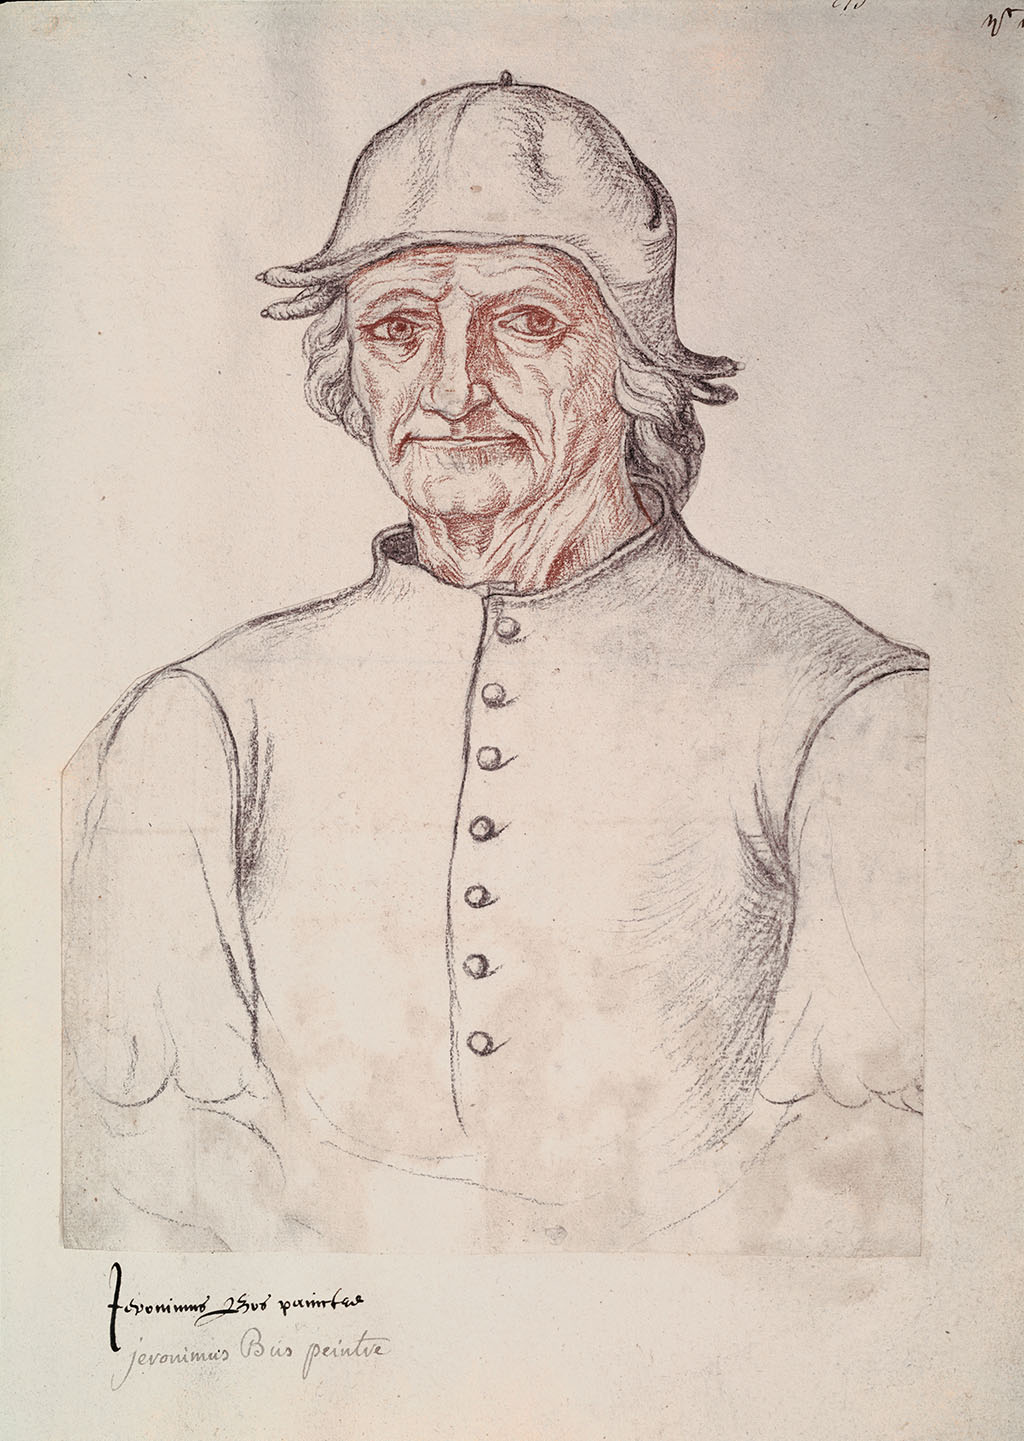 """Jacques Le Boucq """"Portrait of Hieronymus, Bosch"""", 1550"""